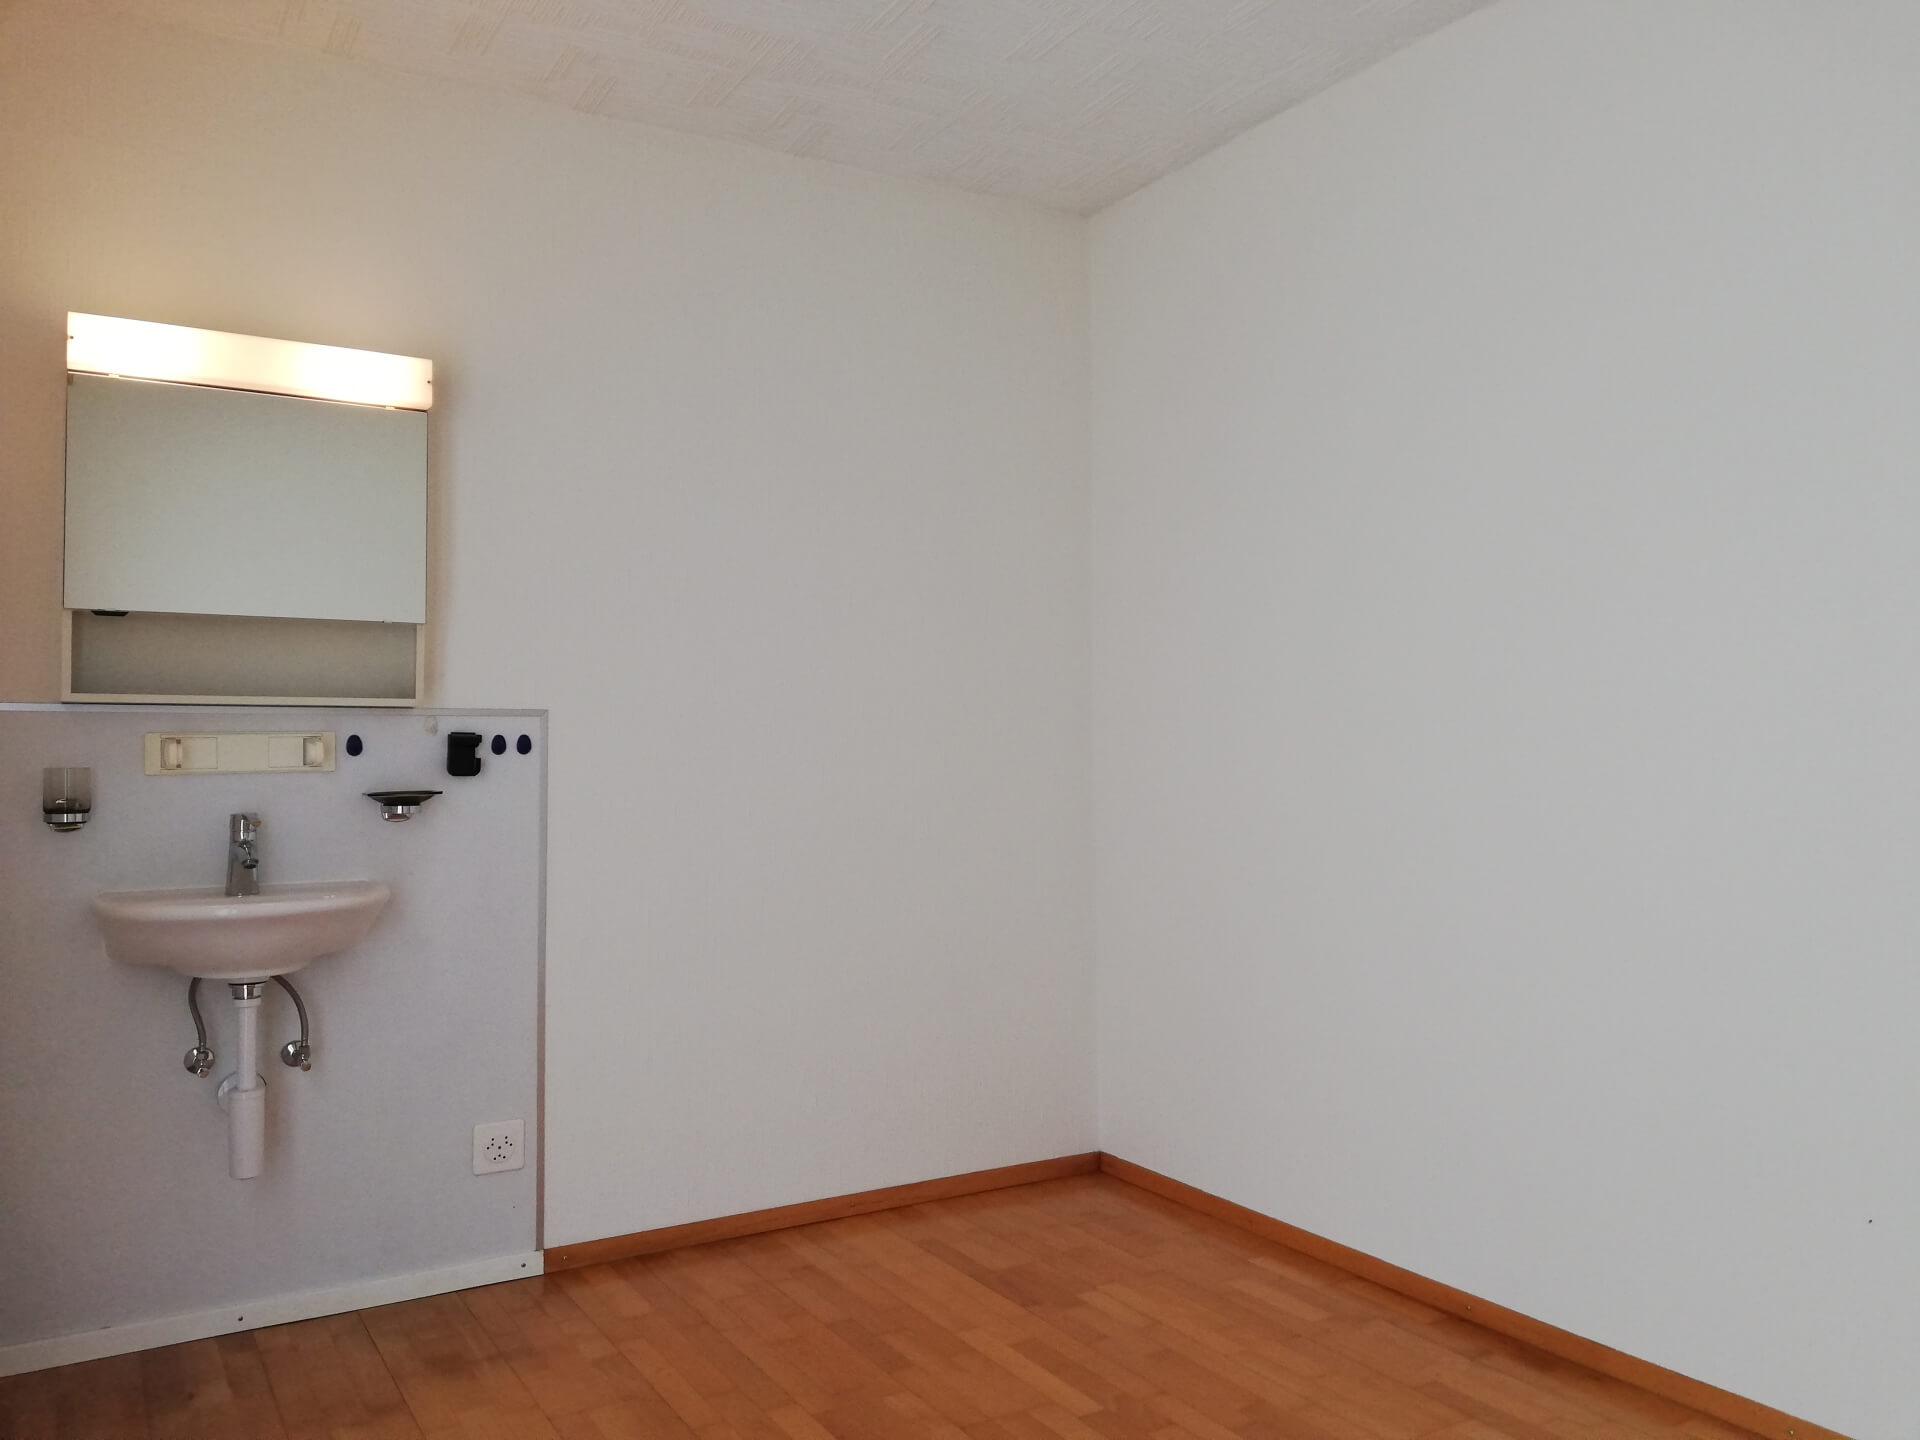 Aufnahme einer Ecke des bestehenden Zimmers. auf der linken Bildseite befindet siche in alter, weisser Waschtisch und Haltevorrichtingen für Zahnglas und Seife. Darüber ist ein Spiegelschrank mit Licht montiert. Der Rest des Raumes ist leer. Der Boden ist aus braunen Parkett mit entsprechenden Sockel, die Wände sind weiss verputzt. Die Decke ist ebenfalss weiss und besteht aus Schallelementen mit Streifenmuster.